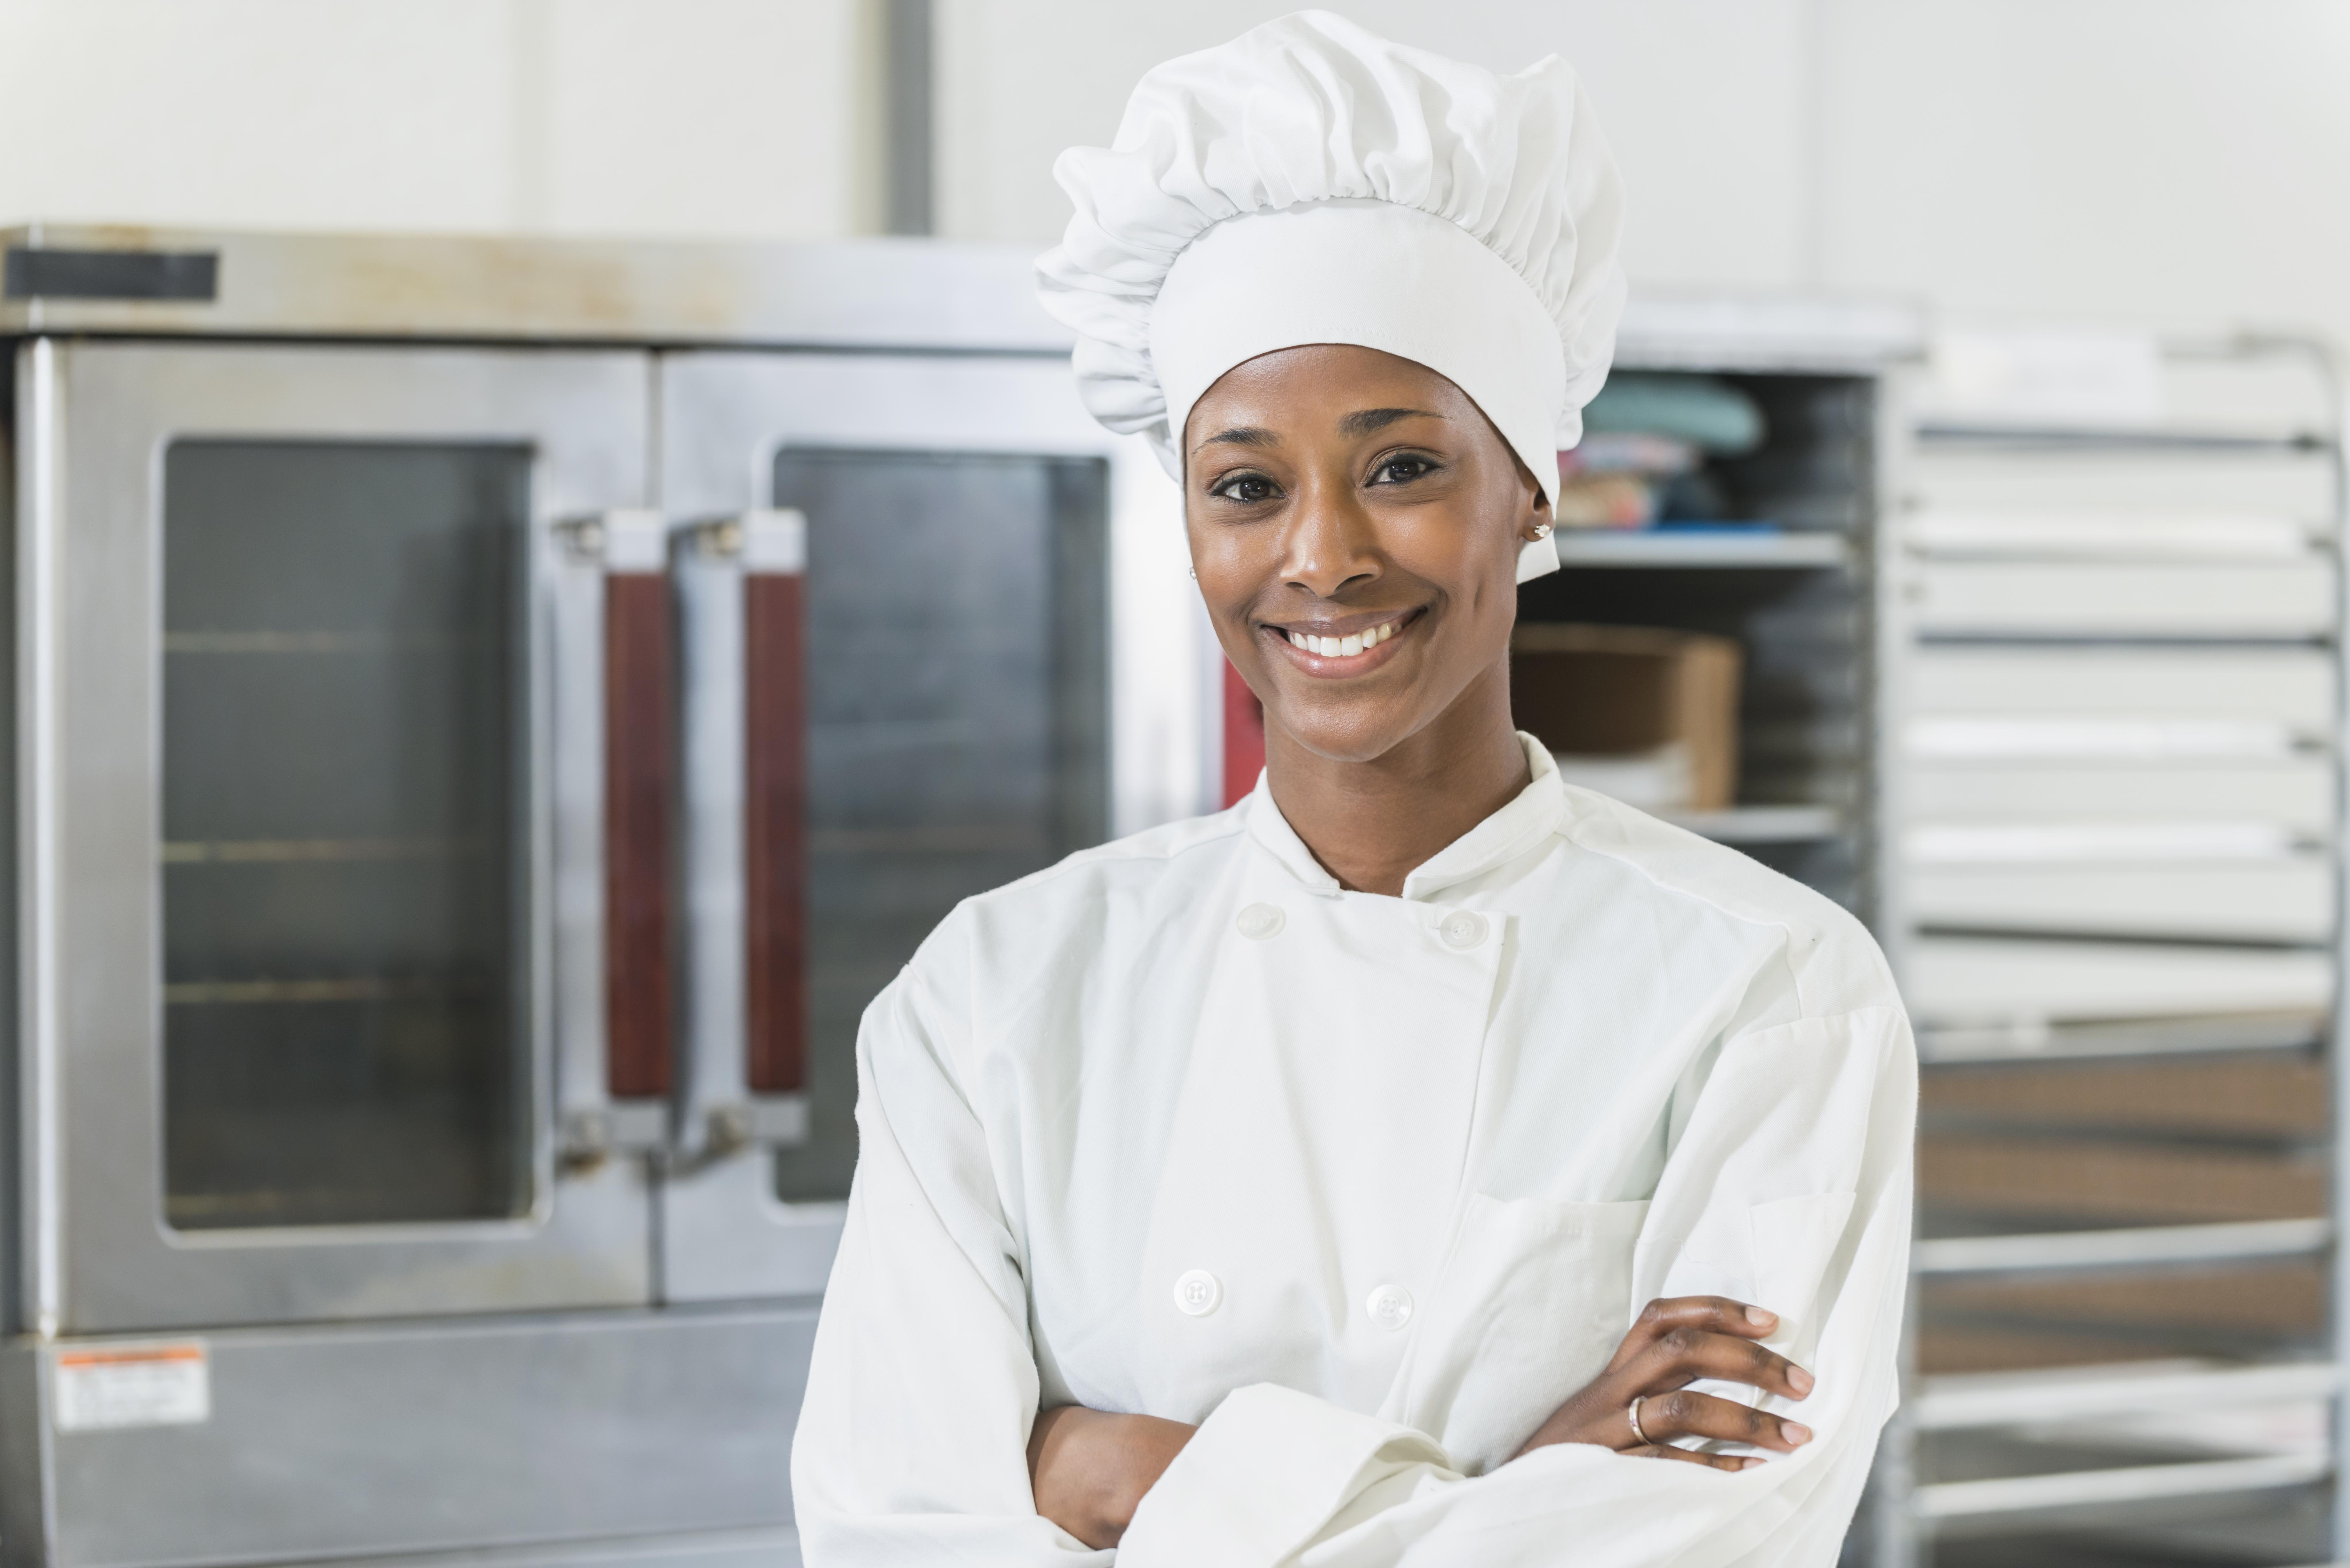 Lanzan programa de educación virtual para aspirantes a chef